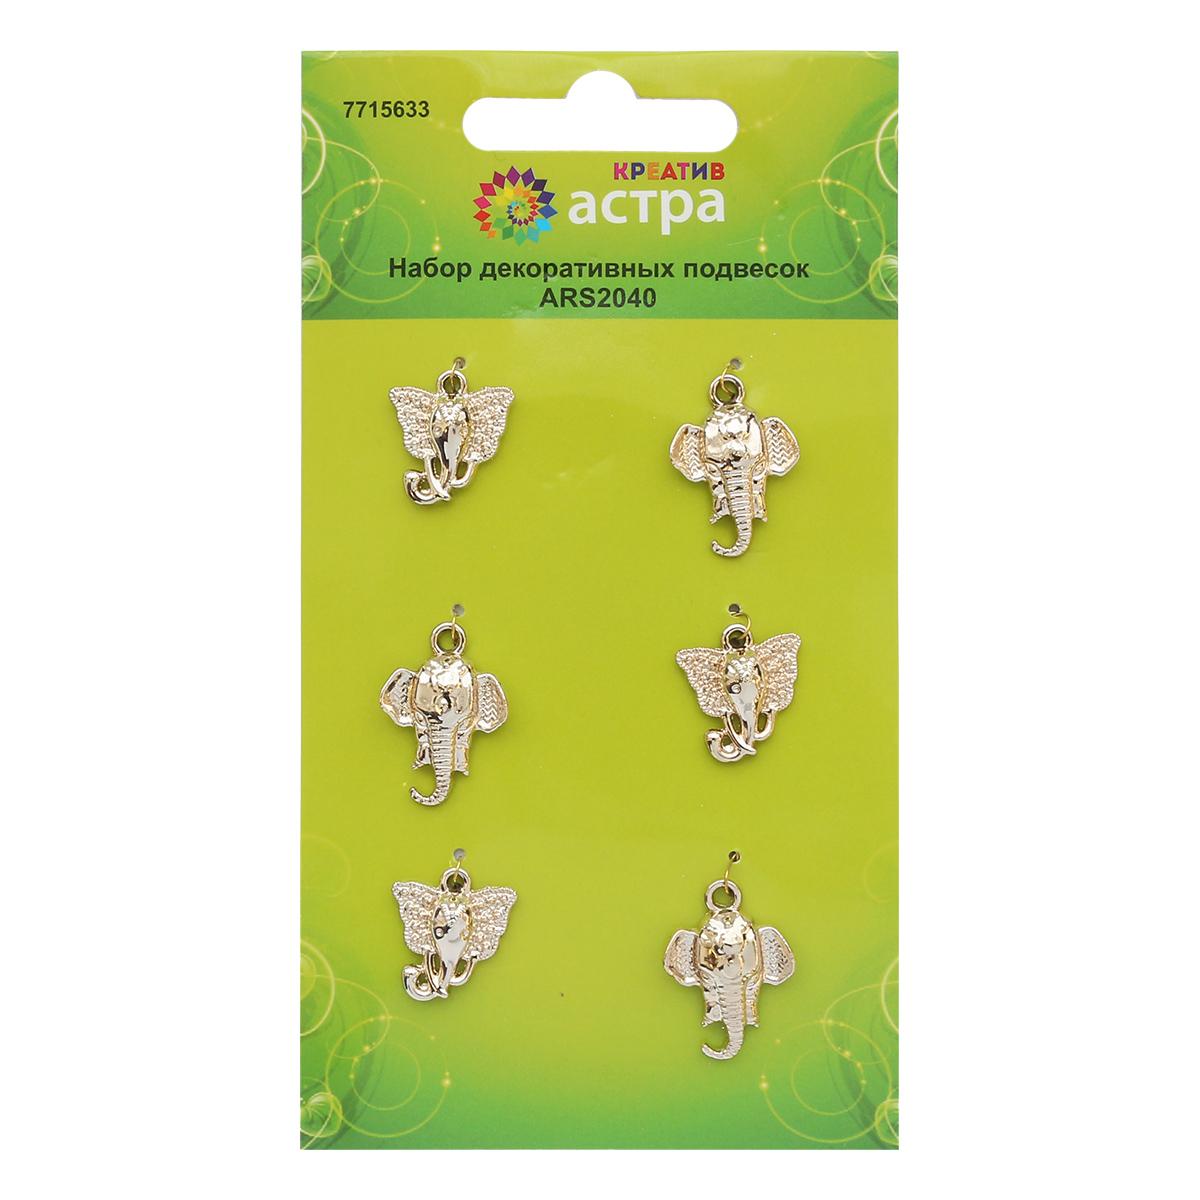 Набор декоративных подвесок Астра Слоны, 6 шт набор декоративных подвесок астра море 2 6 шт